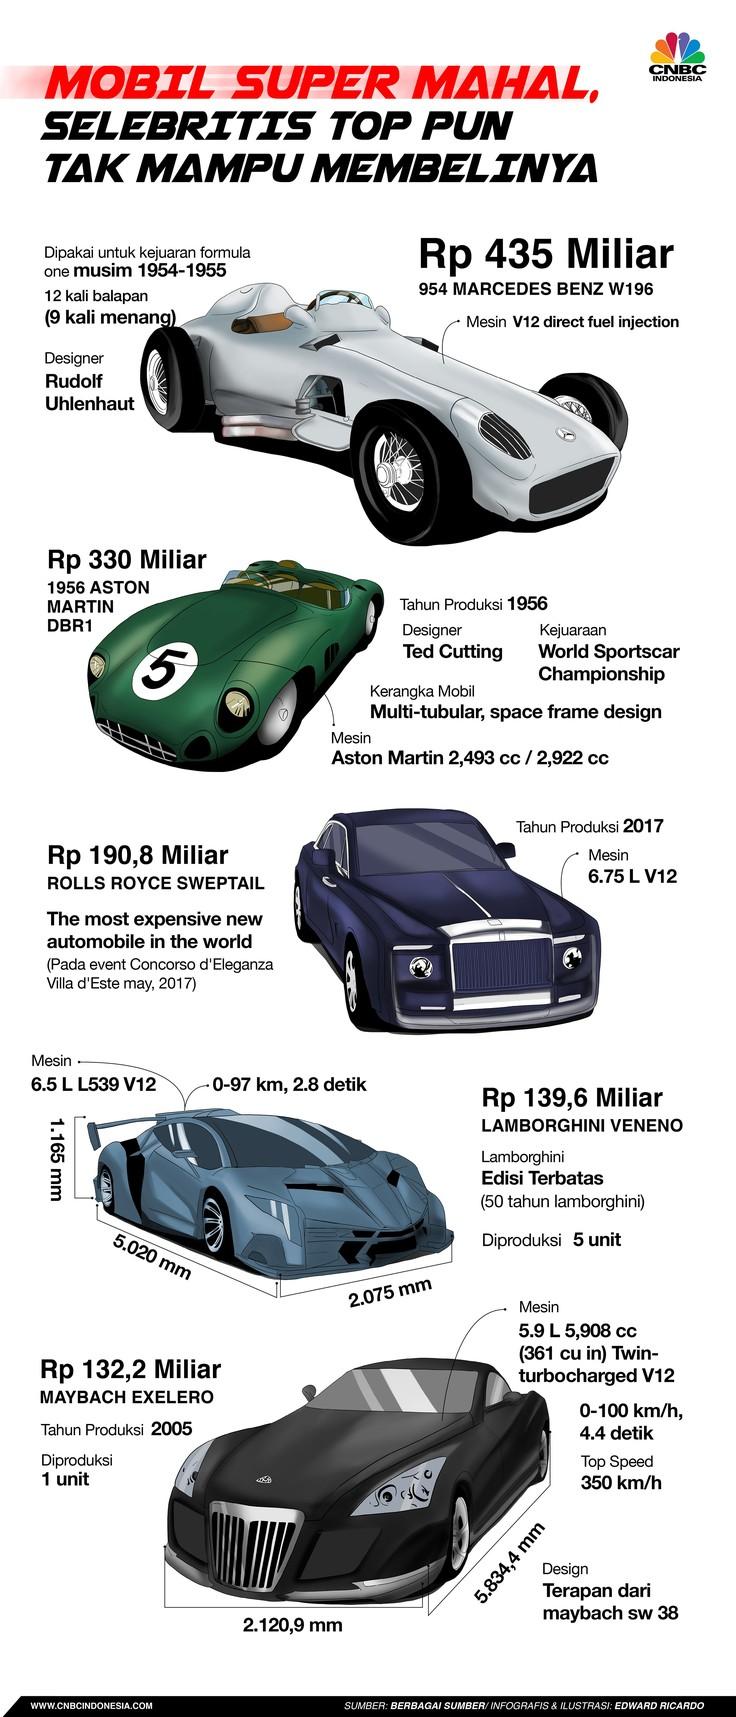 Ini Deretan Mobil Mewah Seharga Ratusan Miliar Rupiah